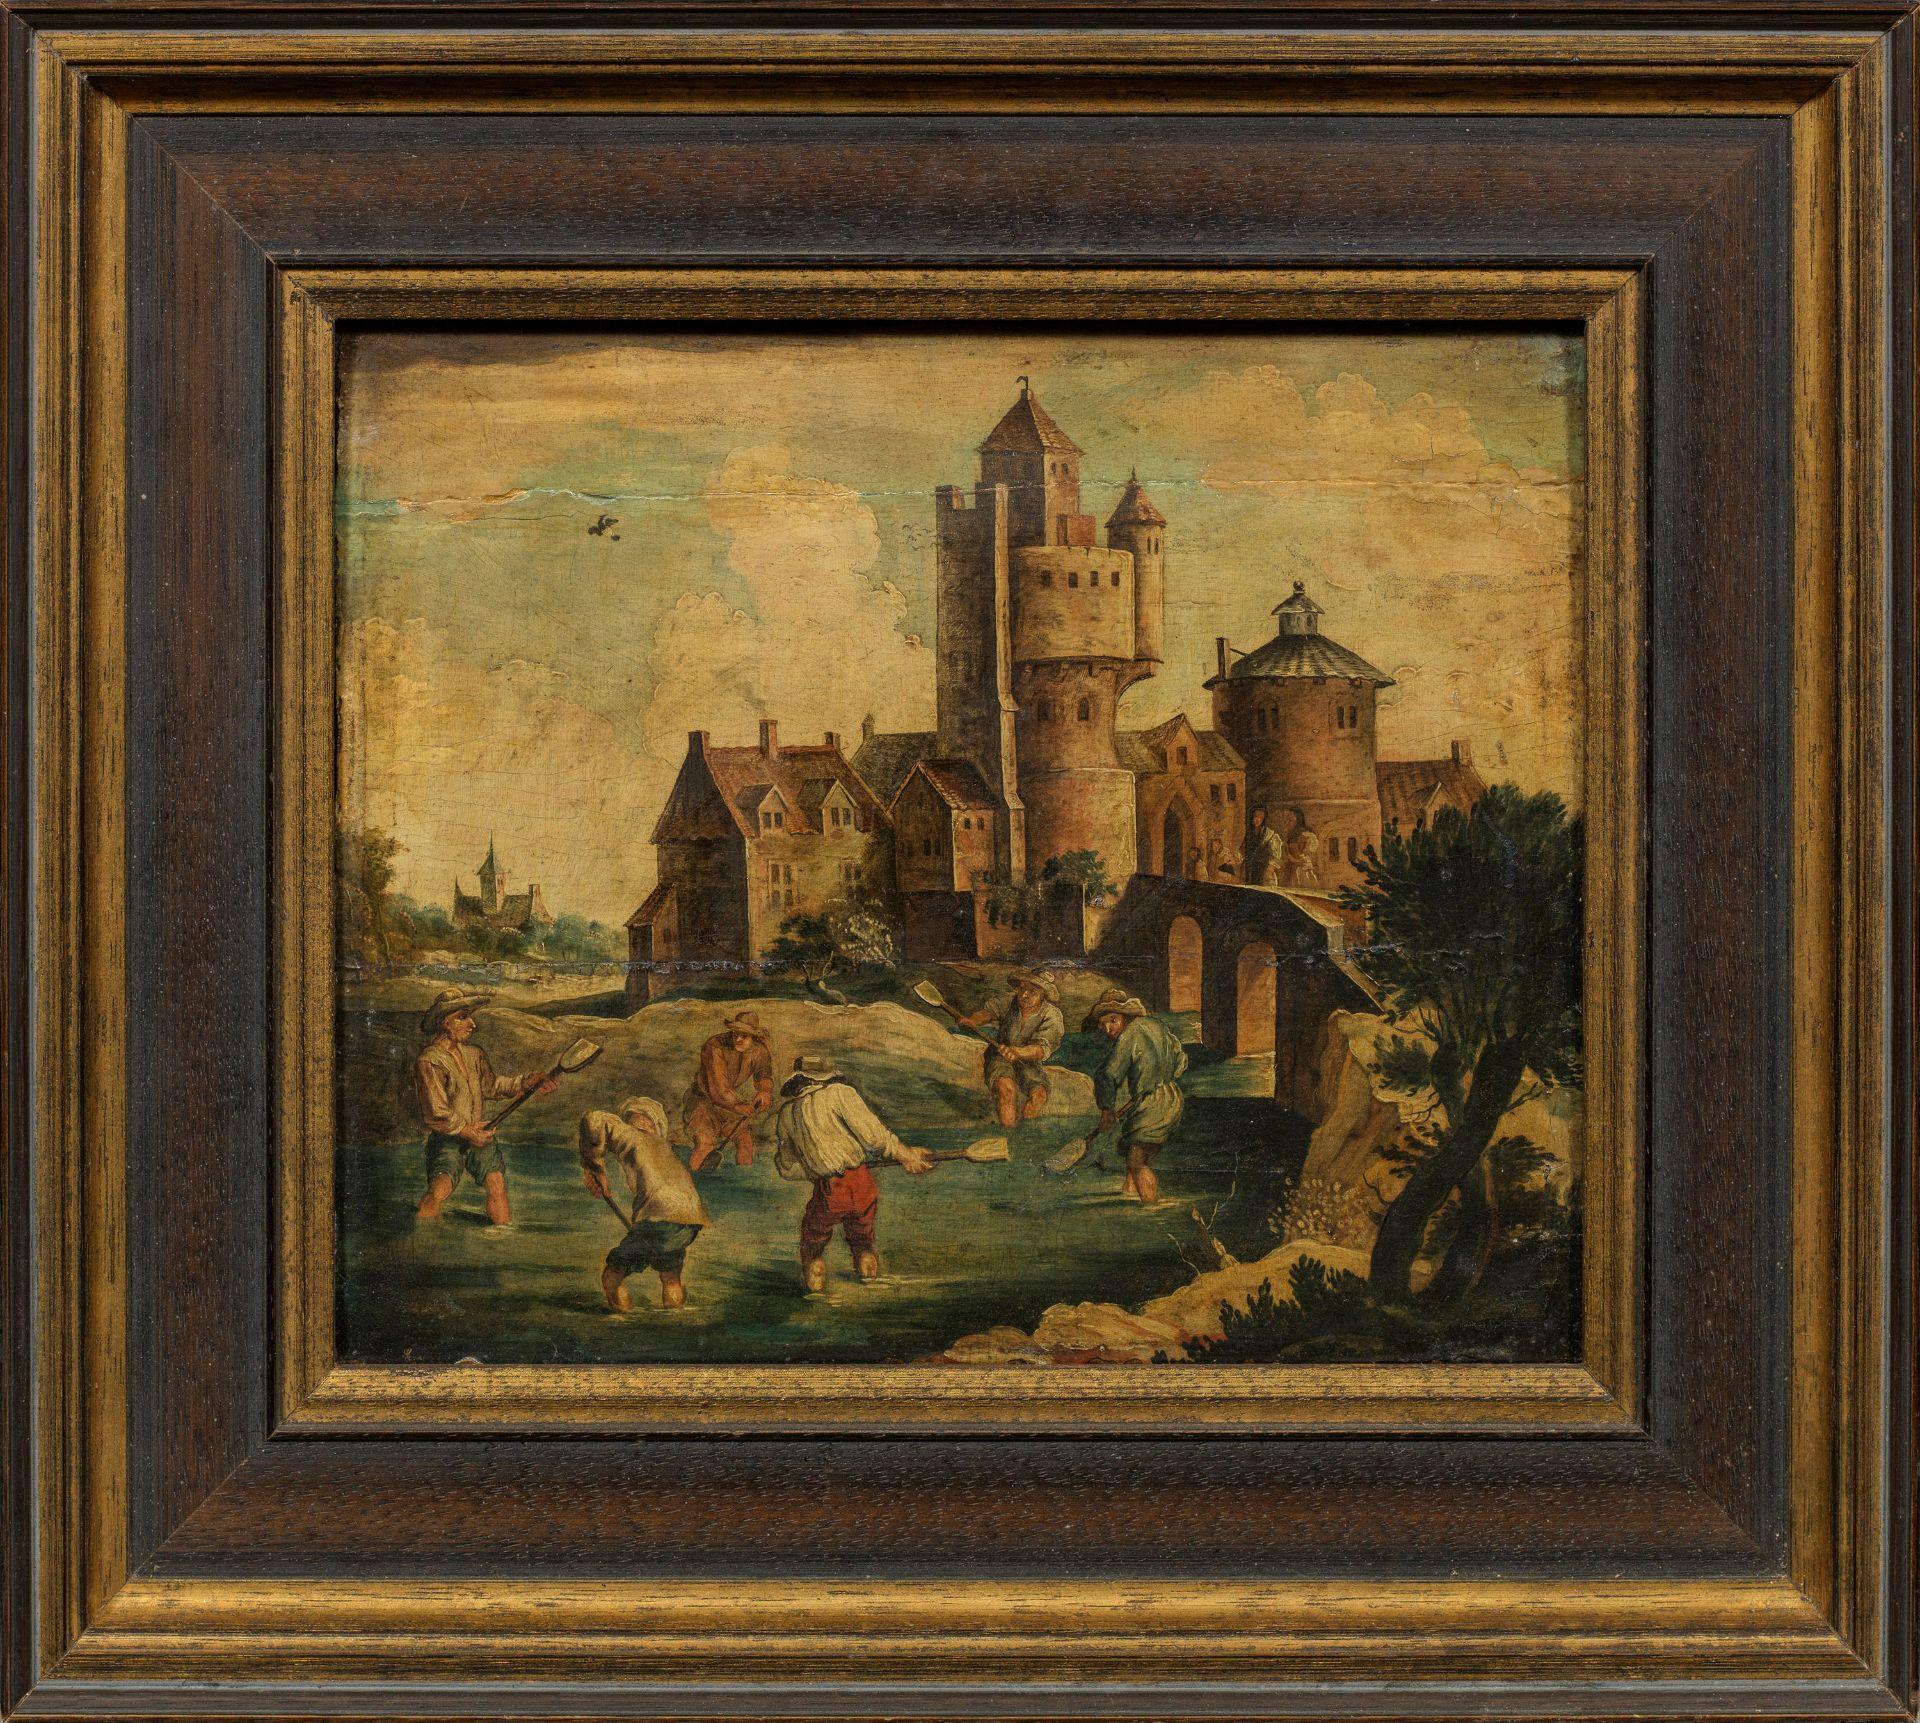 Niederländischer oder flämischer Maler des Barock